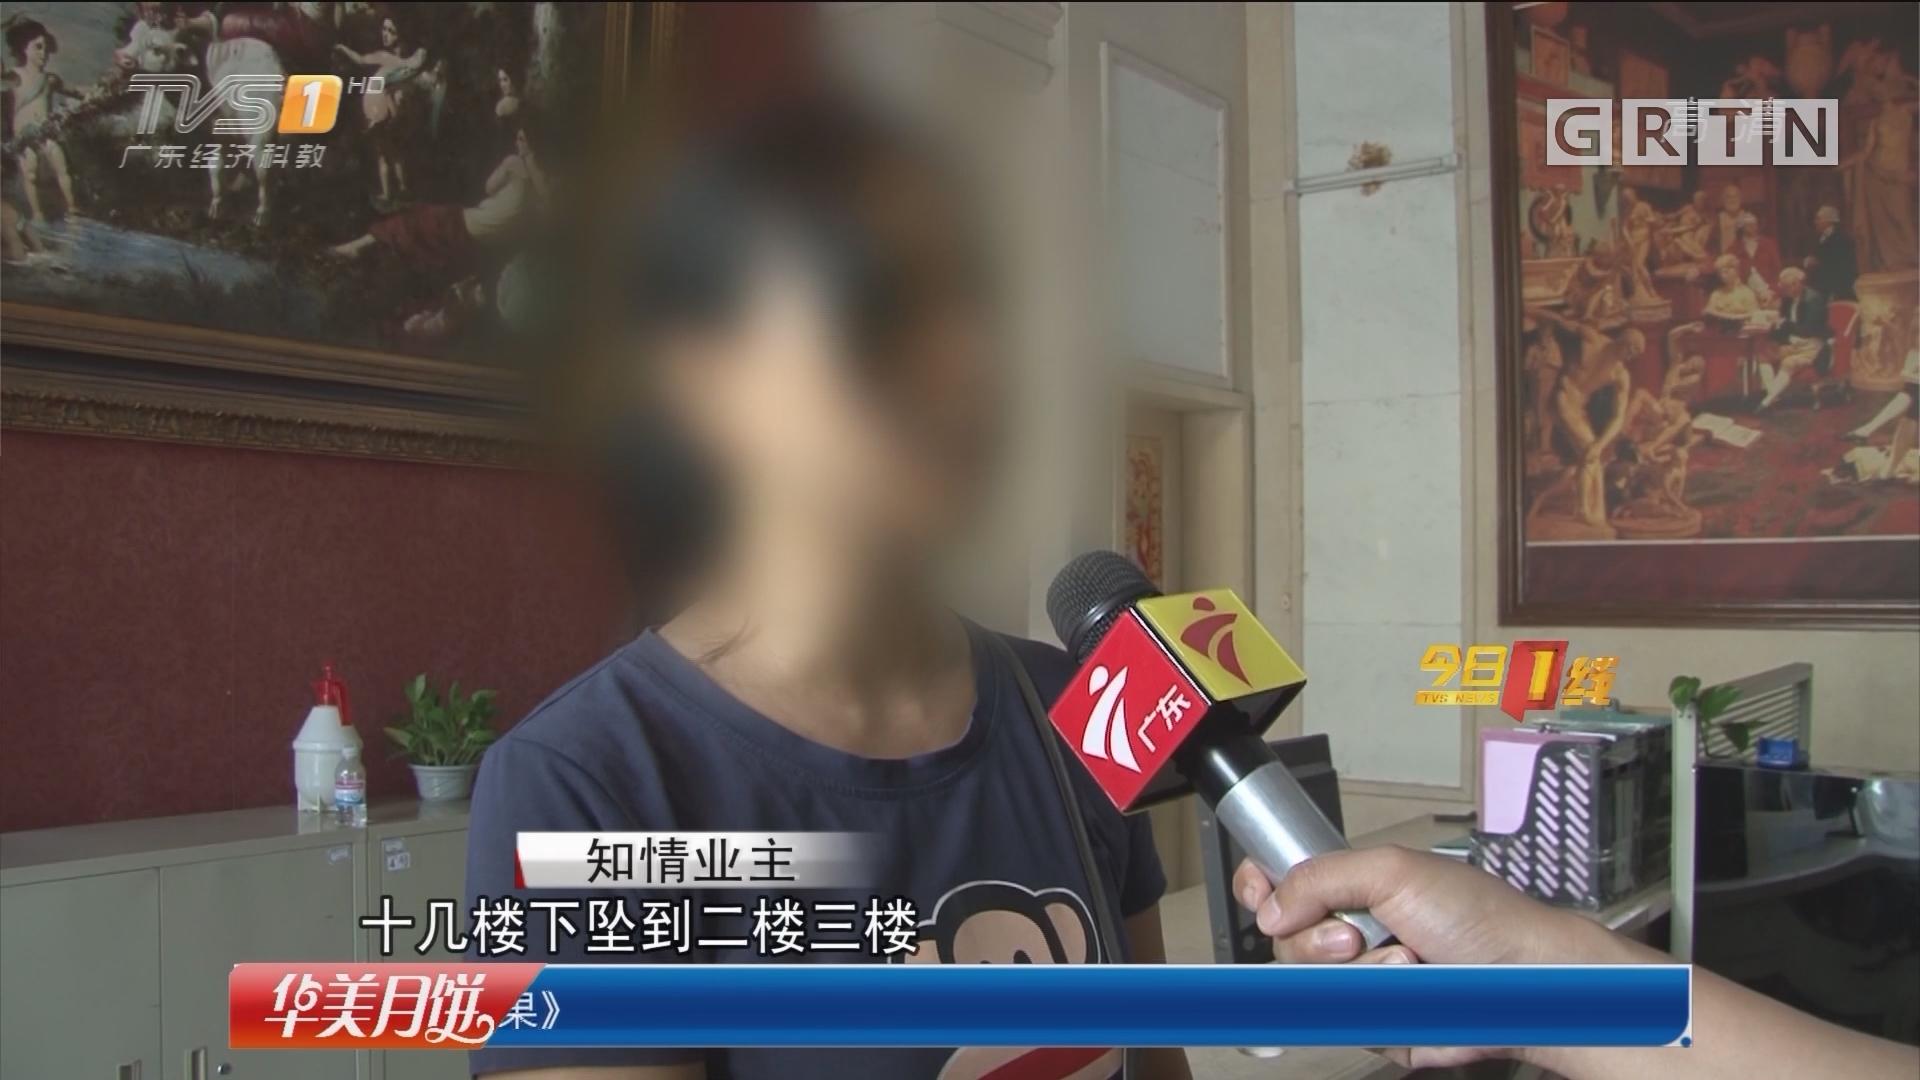 关注电梯安全:广州元邦明月园小区 电梯冲顶震碎玻璃 被困业主受伤